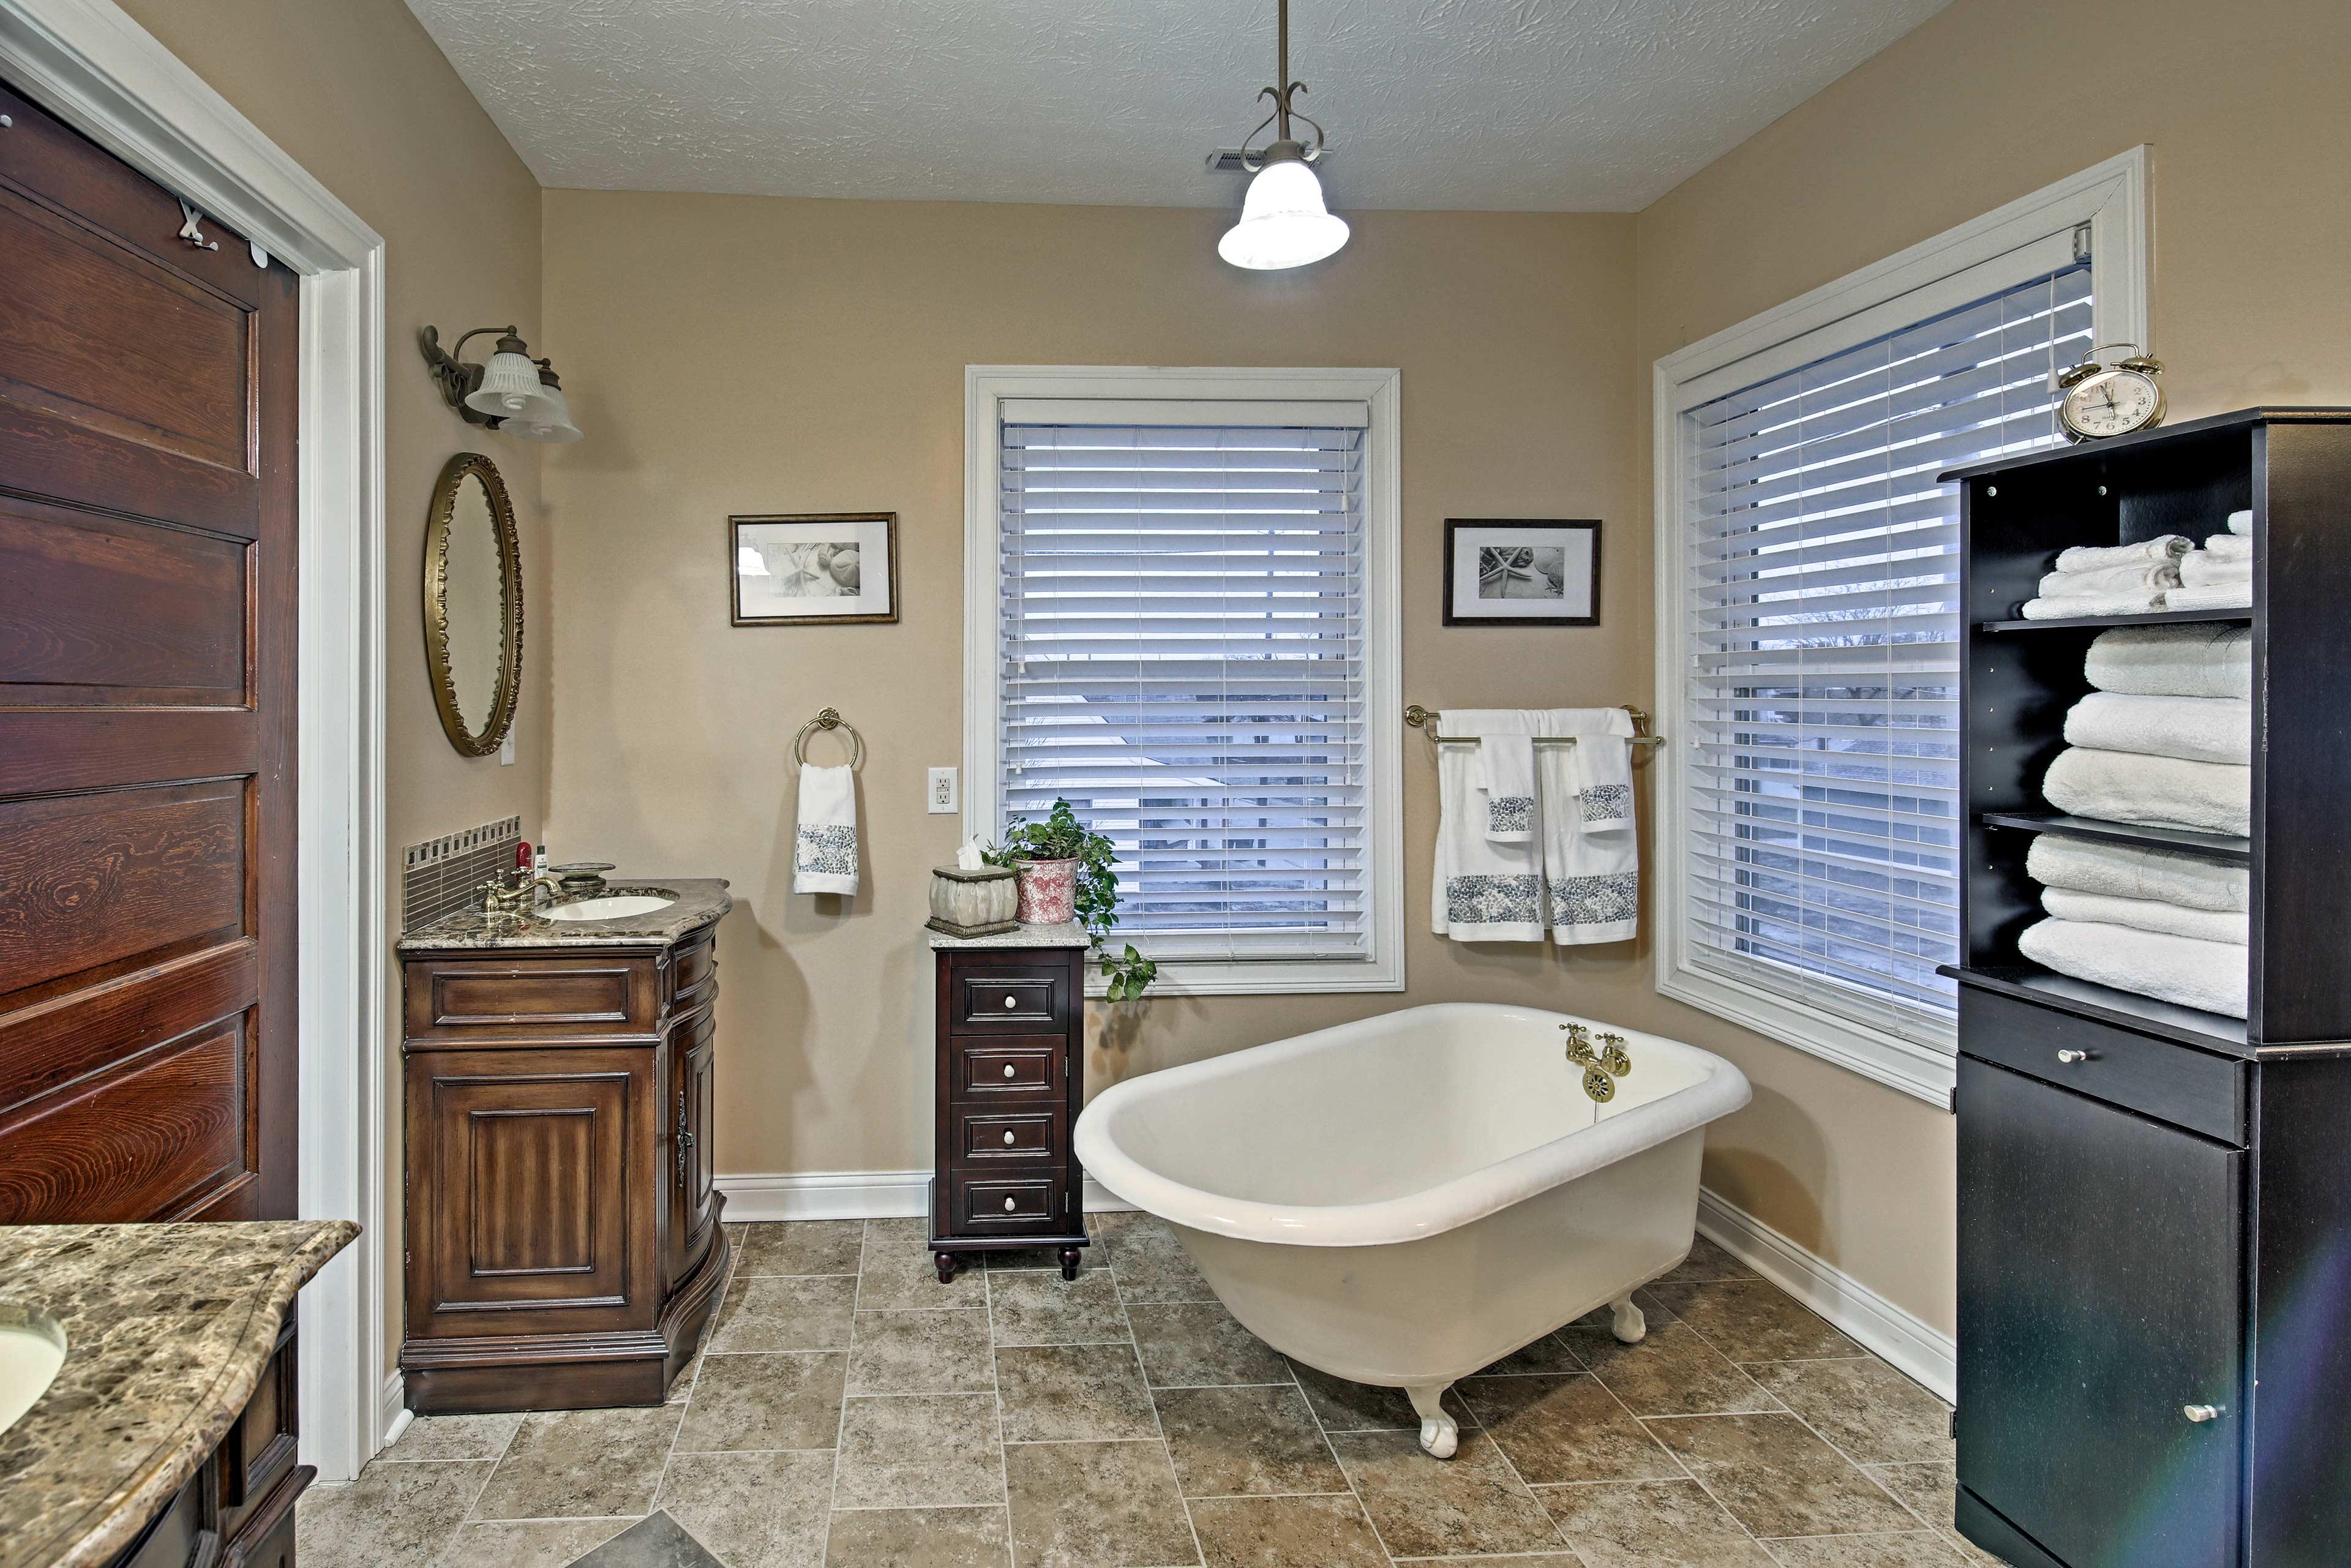 Enjoy a soothing soak in the bathtub.